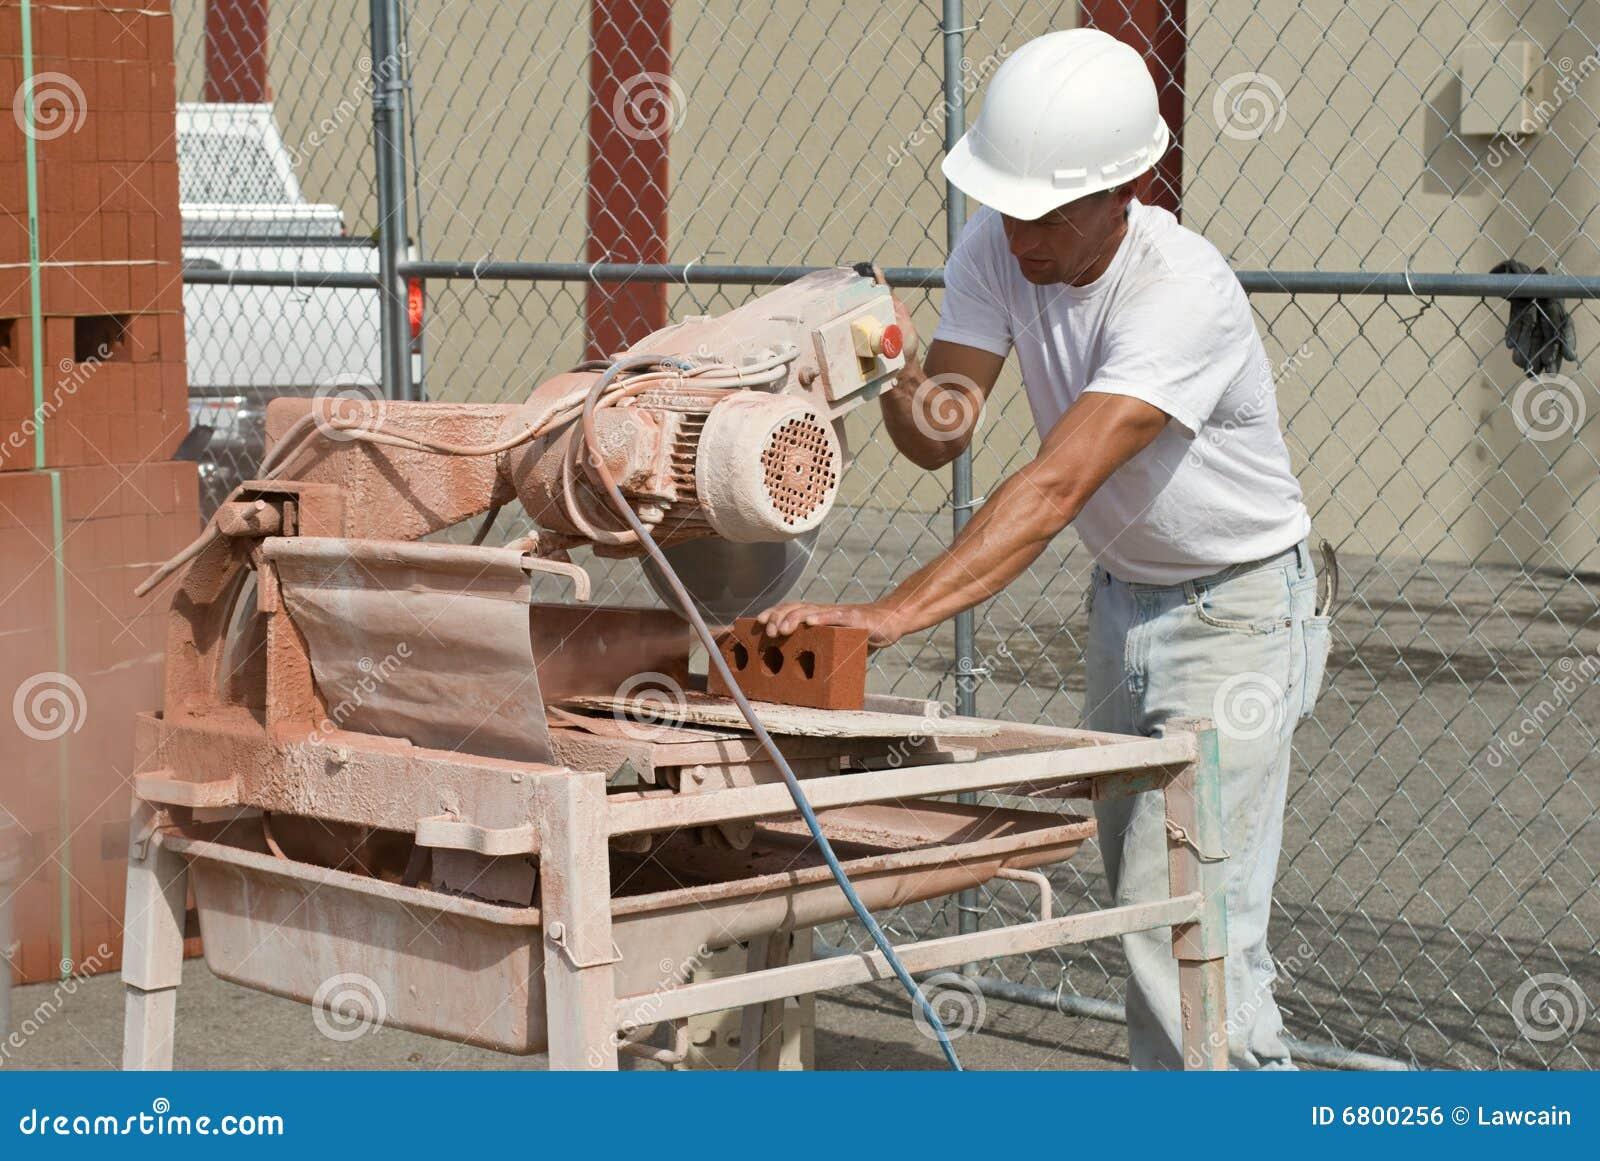 τούβλα που πριονίζουν τον εργαζόμενο